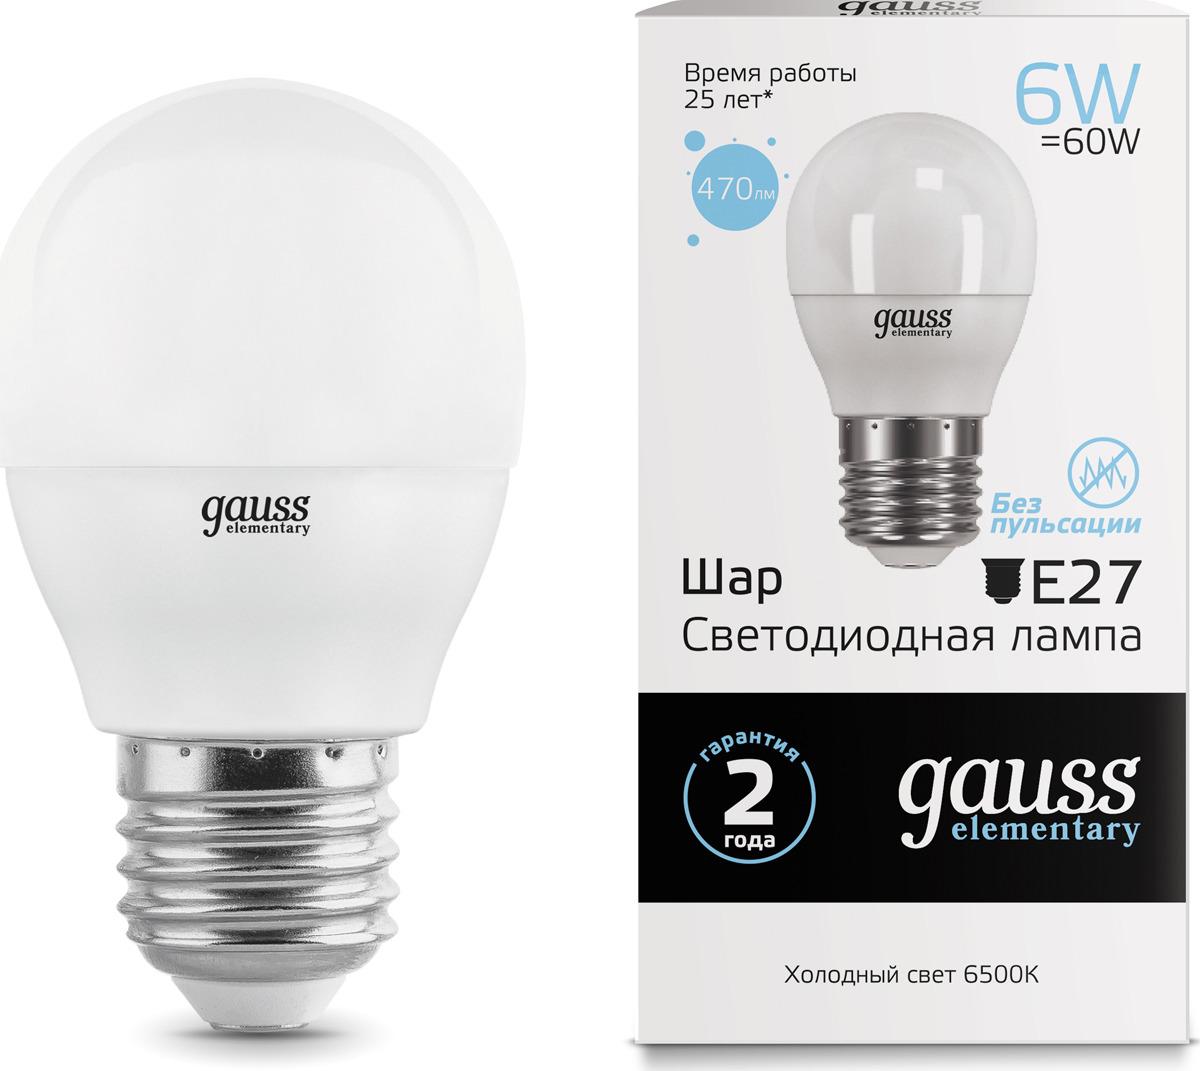 Лампочка Gauss Elementary LED, шар, E27, 6W. 53236